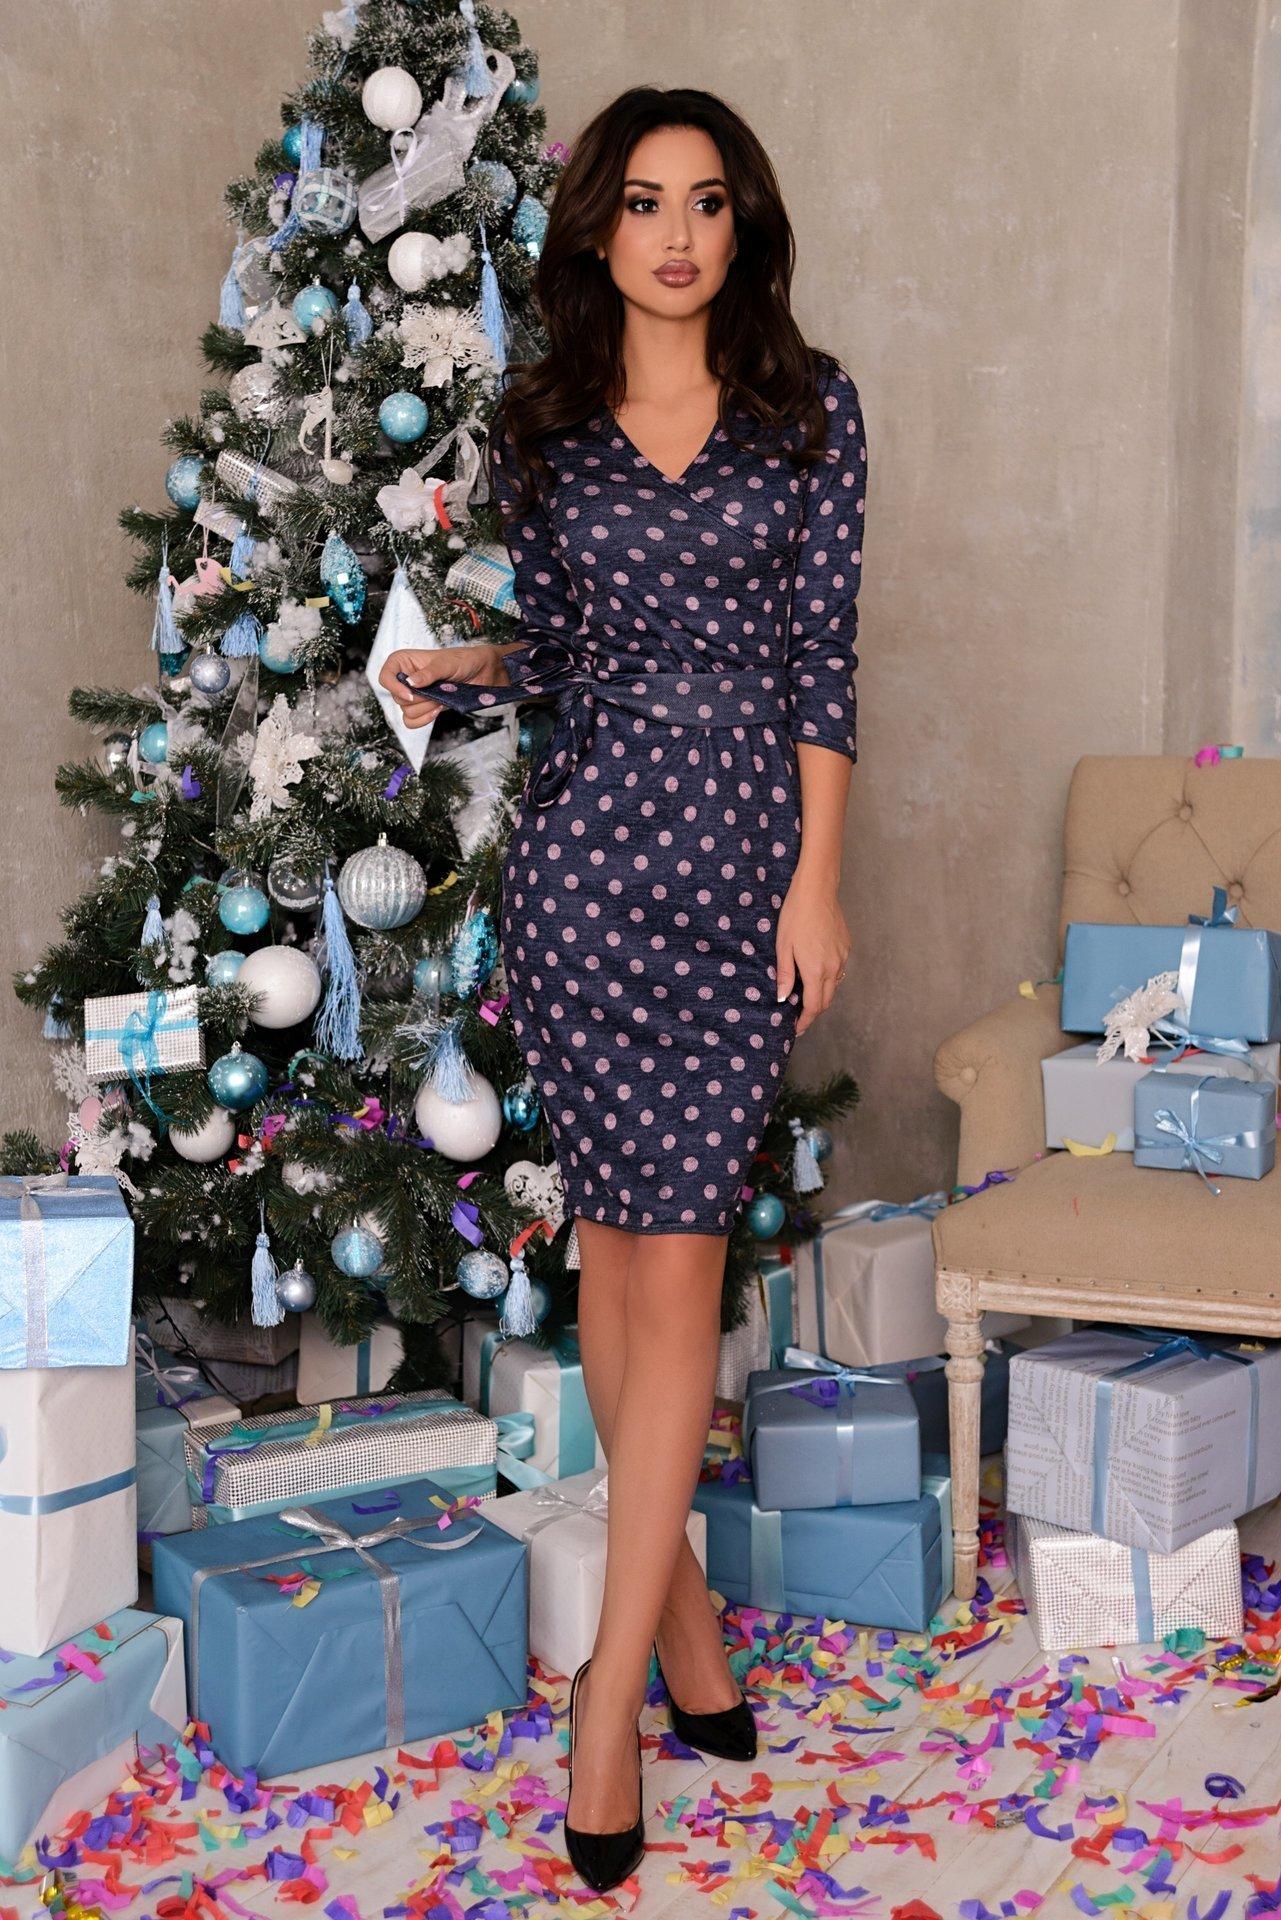 Платья Платье в горох 3421 ba9ed1e6-76e7-4d1f-8693-d0c83971bb83.jpg